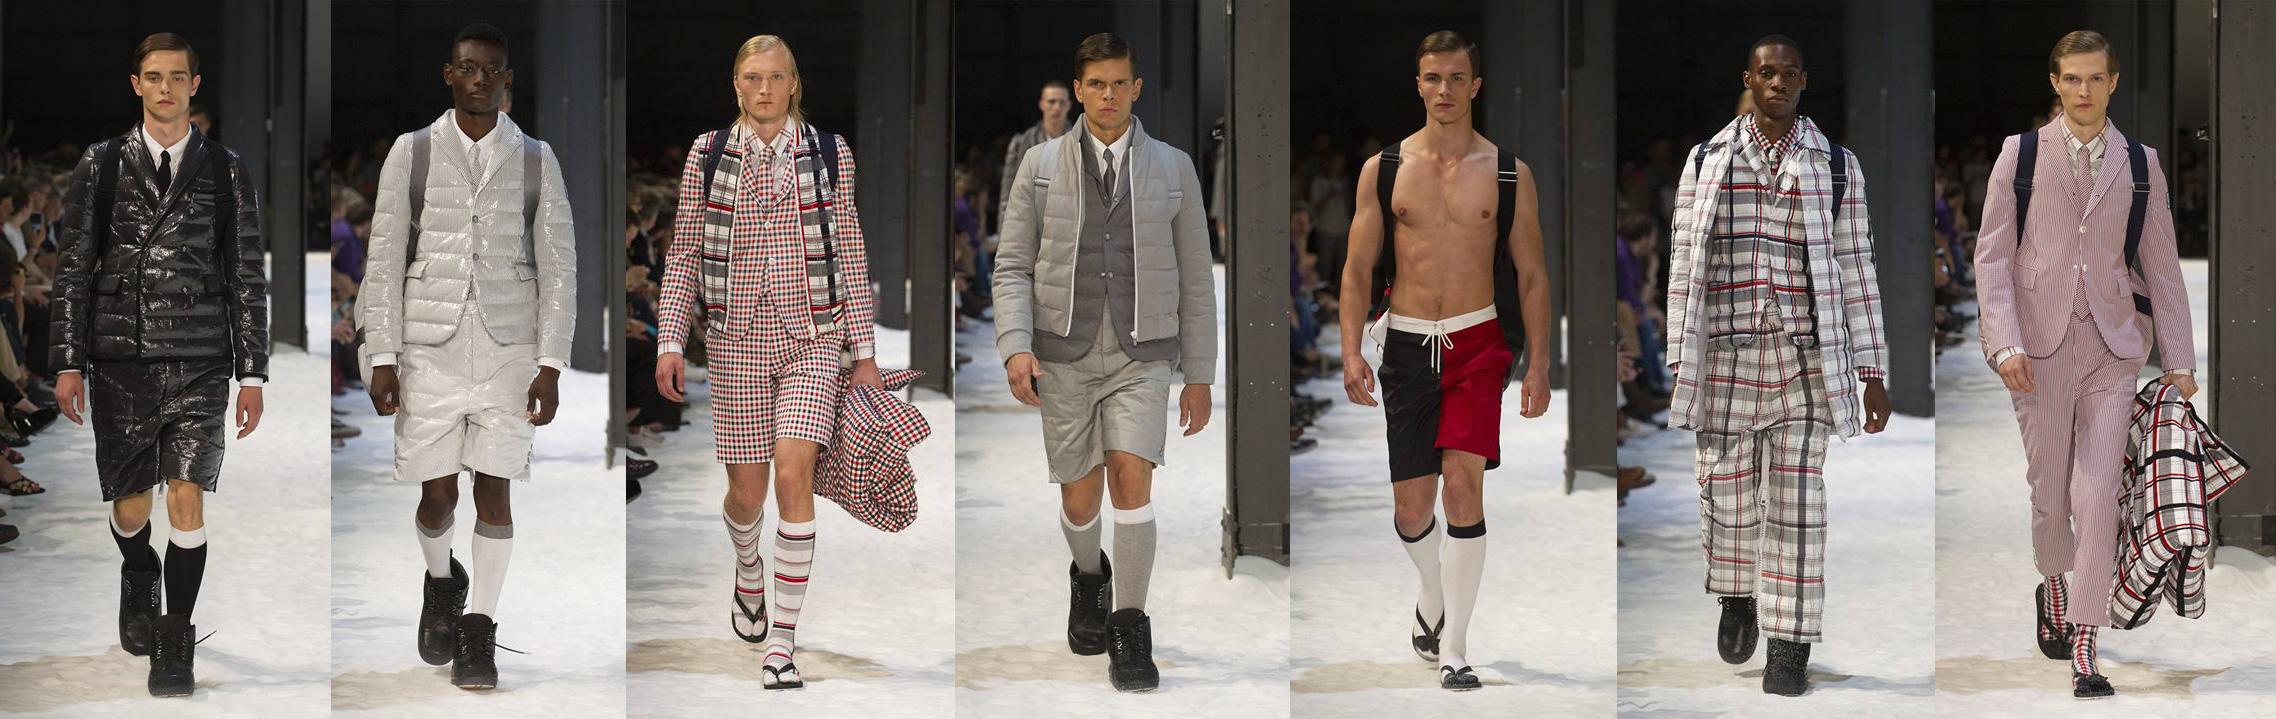 Moncler Gamme Bleu Spring Summer 2018 Collection Fashion